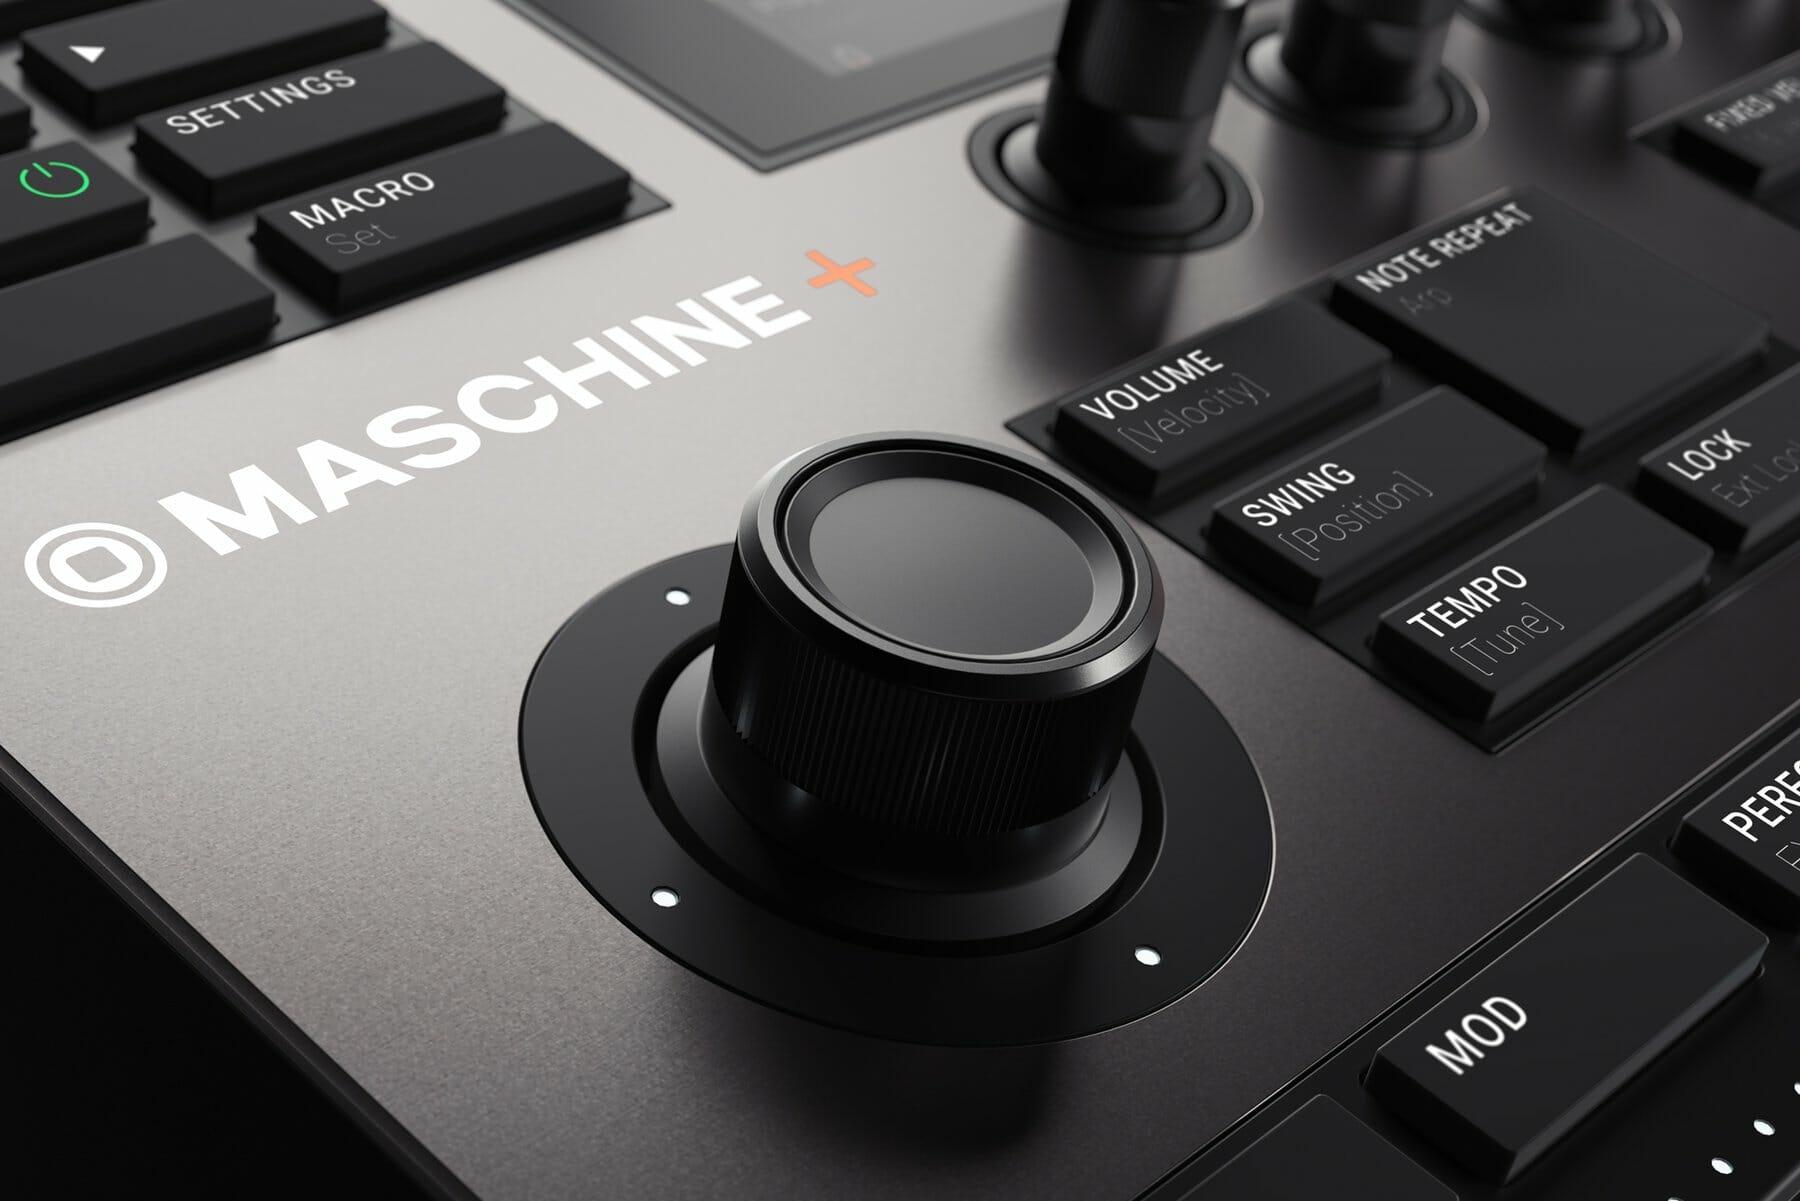 Revisión de MASCHINE +: Finalmente, una Maschine independiente 2